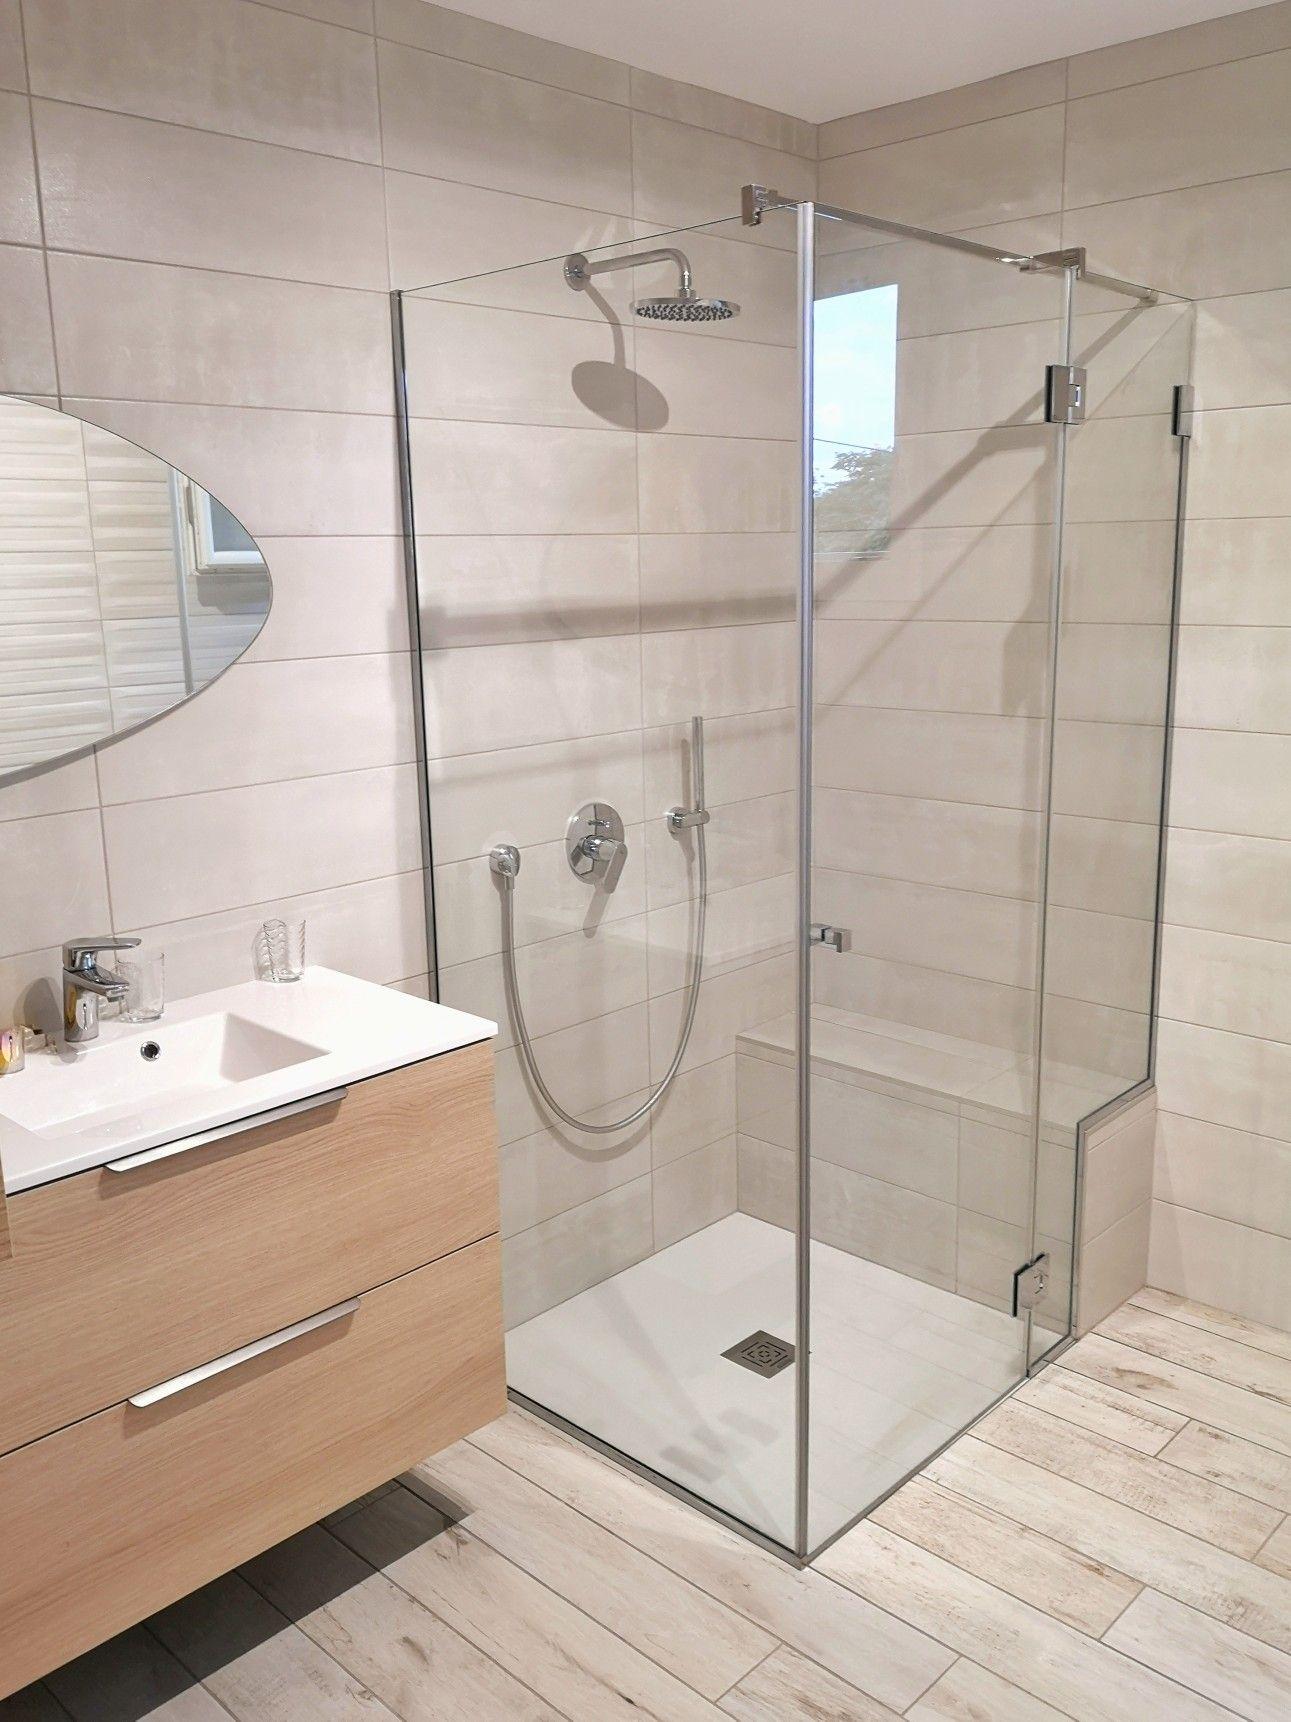 Douche sur mesure  Douche en verre, Paroi de douche, Douche